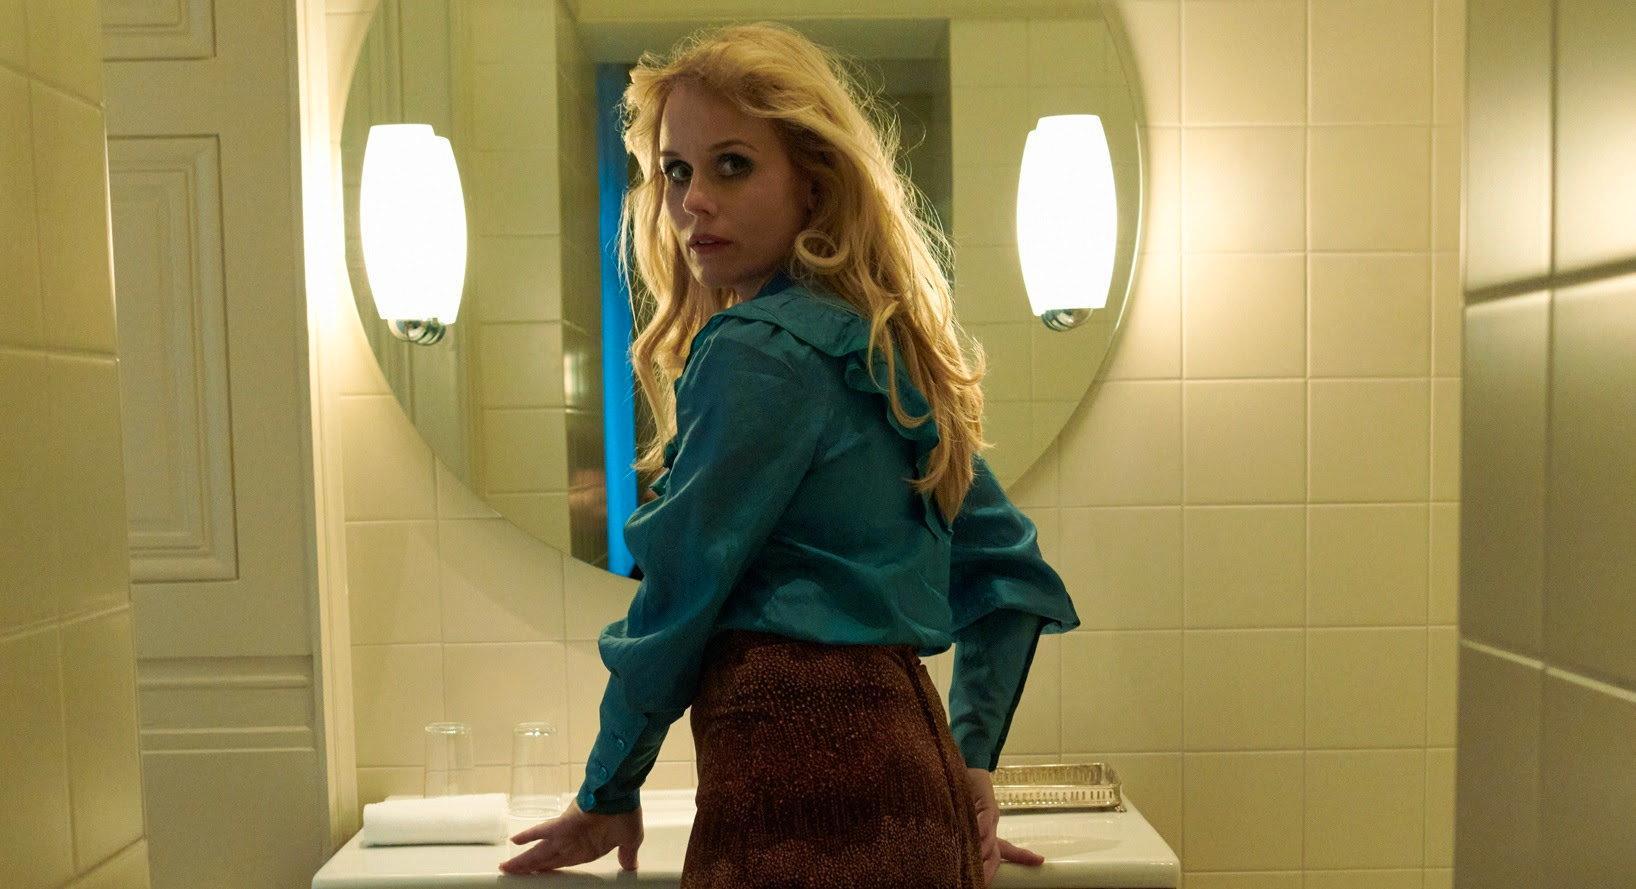 """Helena af Sandeberg spelar huvudrollen i """"Gasljus"""". Pressbild."""